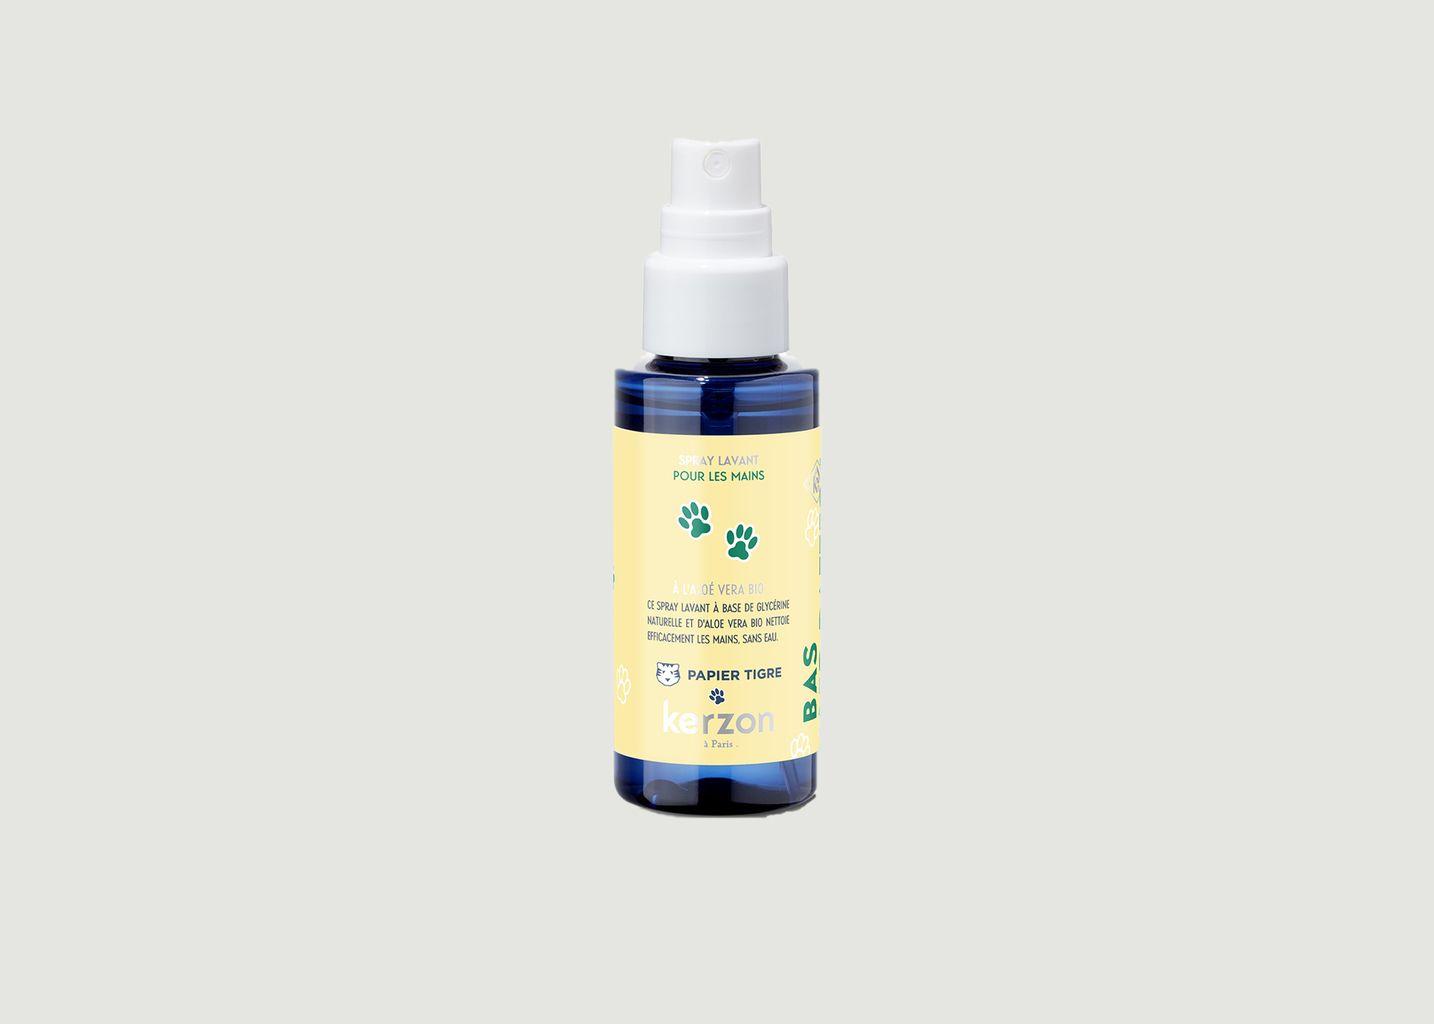 Spray lavant pour mains Sans parfum ft. Papier Tigre 50ml - Kerzon